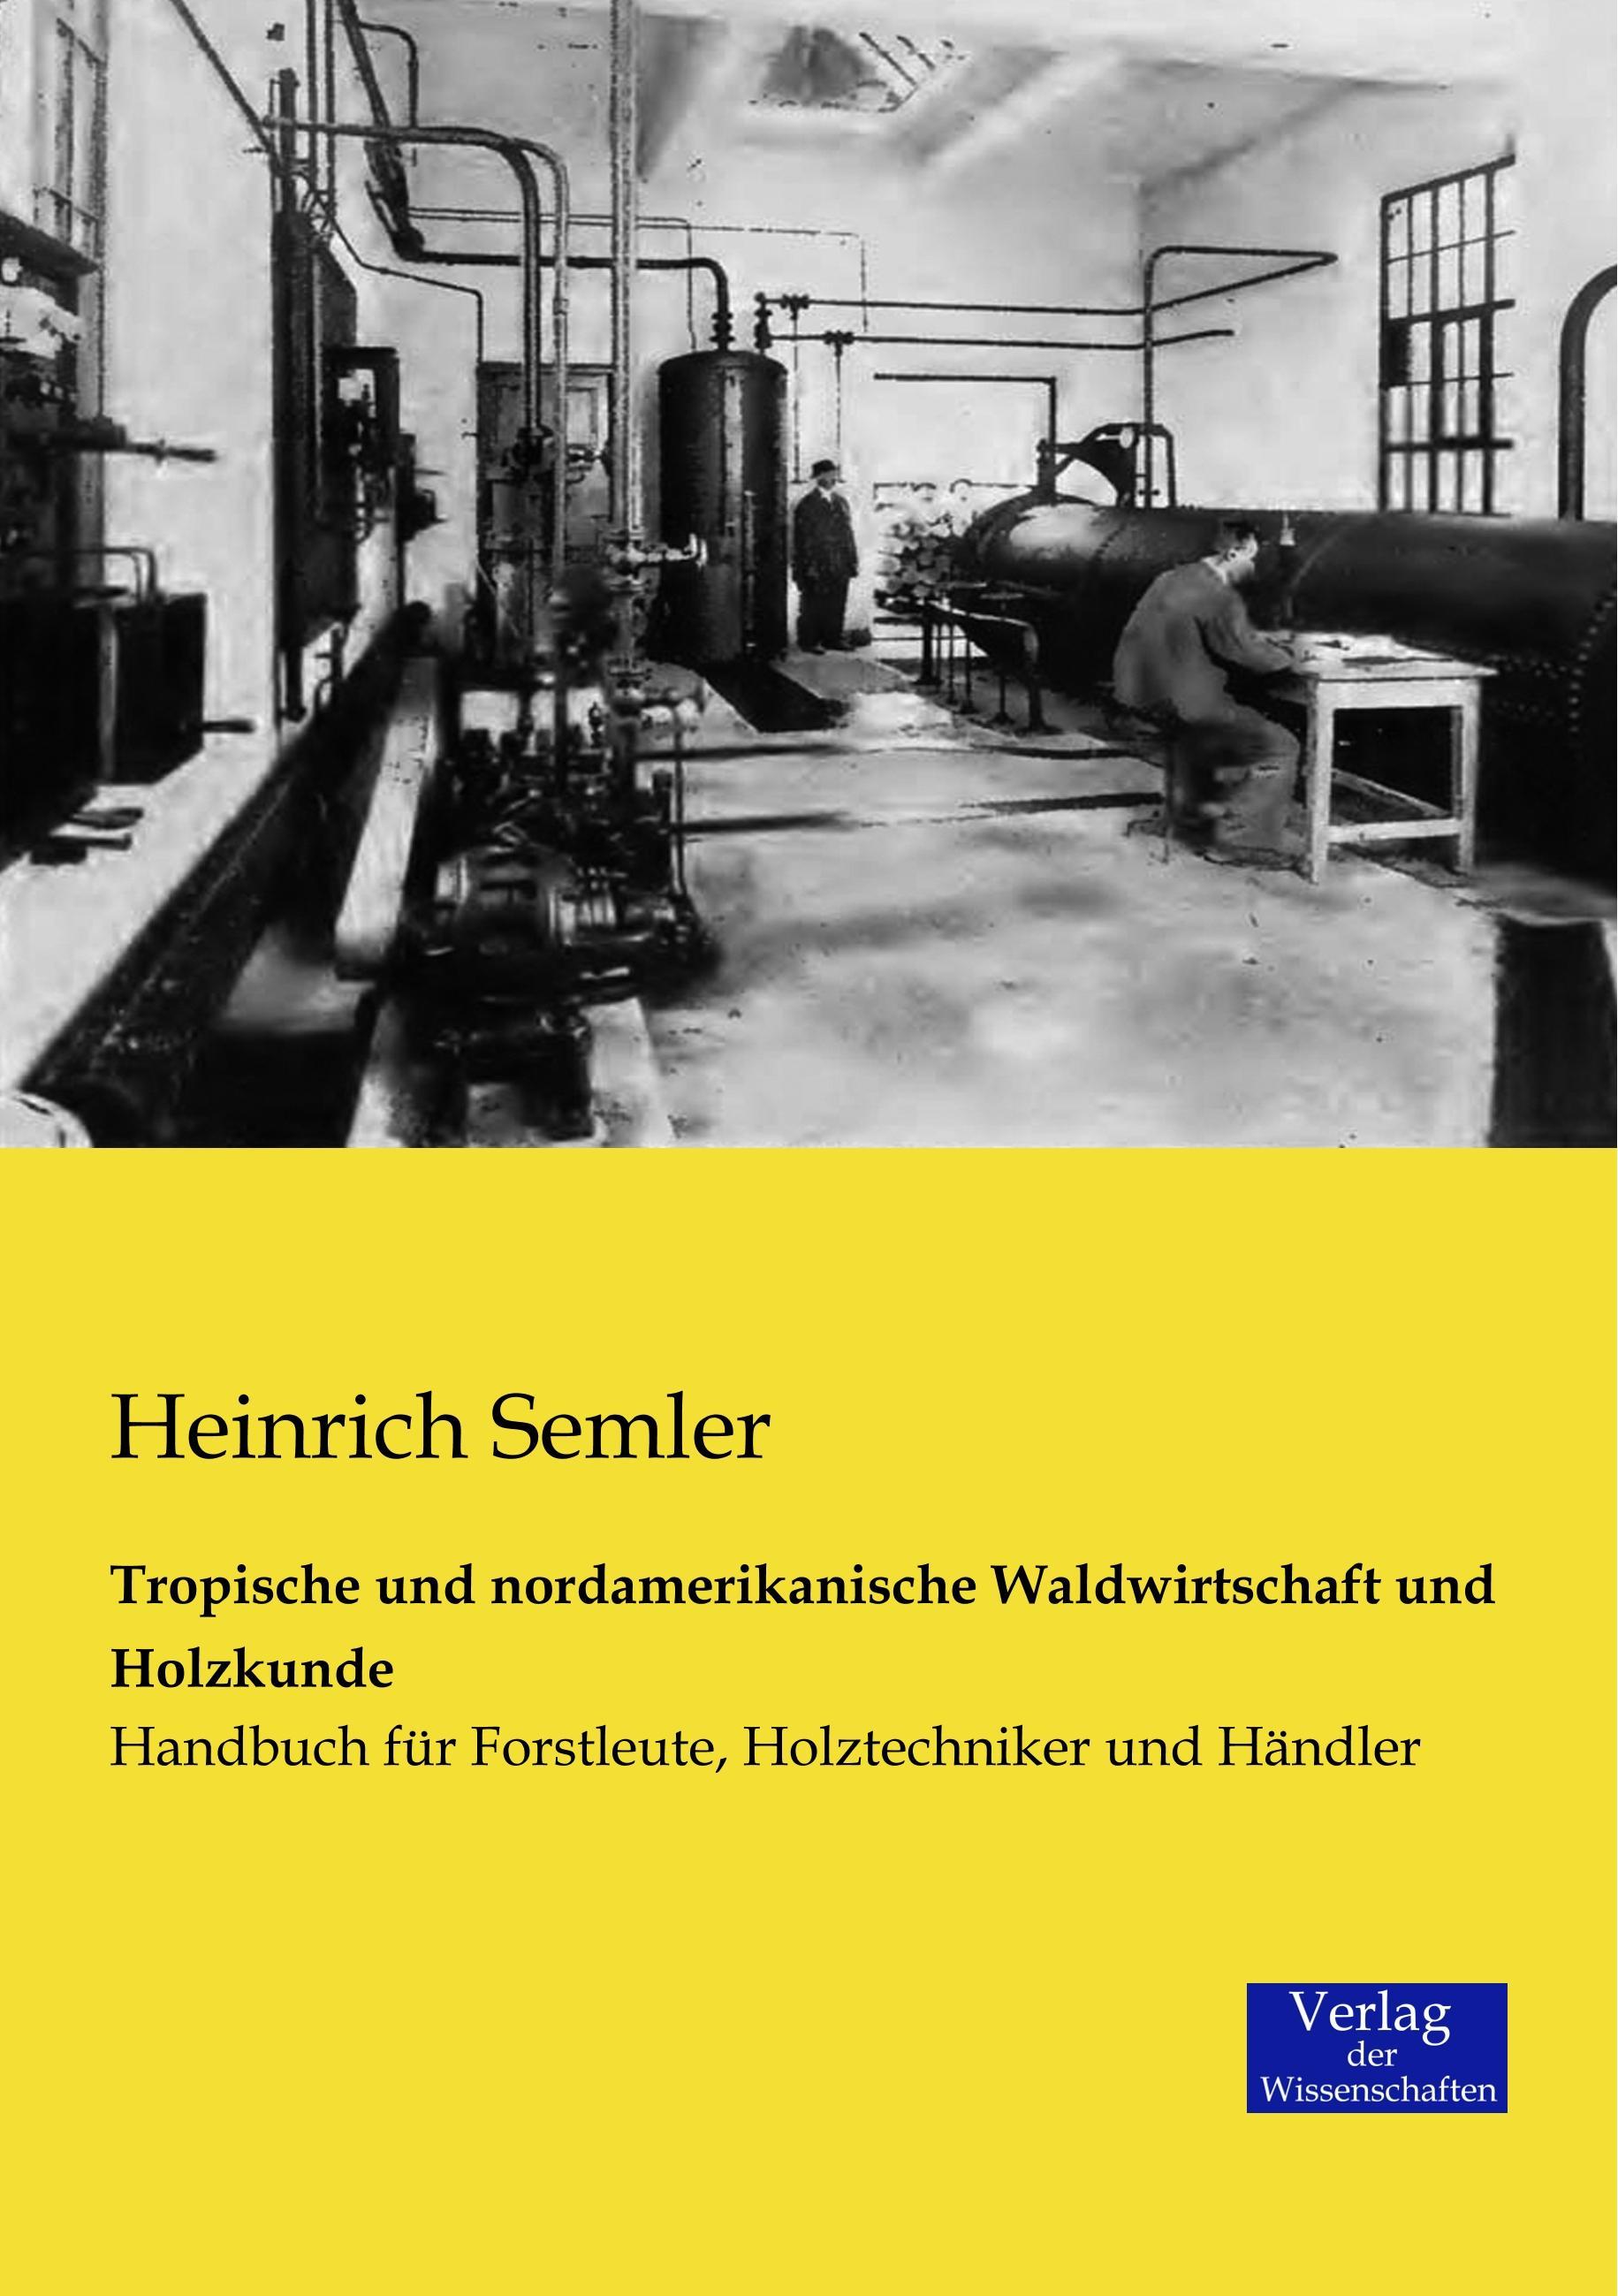 Heinrich Semler / Tropische und nordamerikanische Waldwirtsc ... 9783957002358